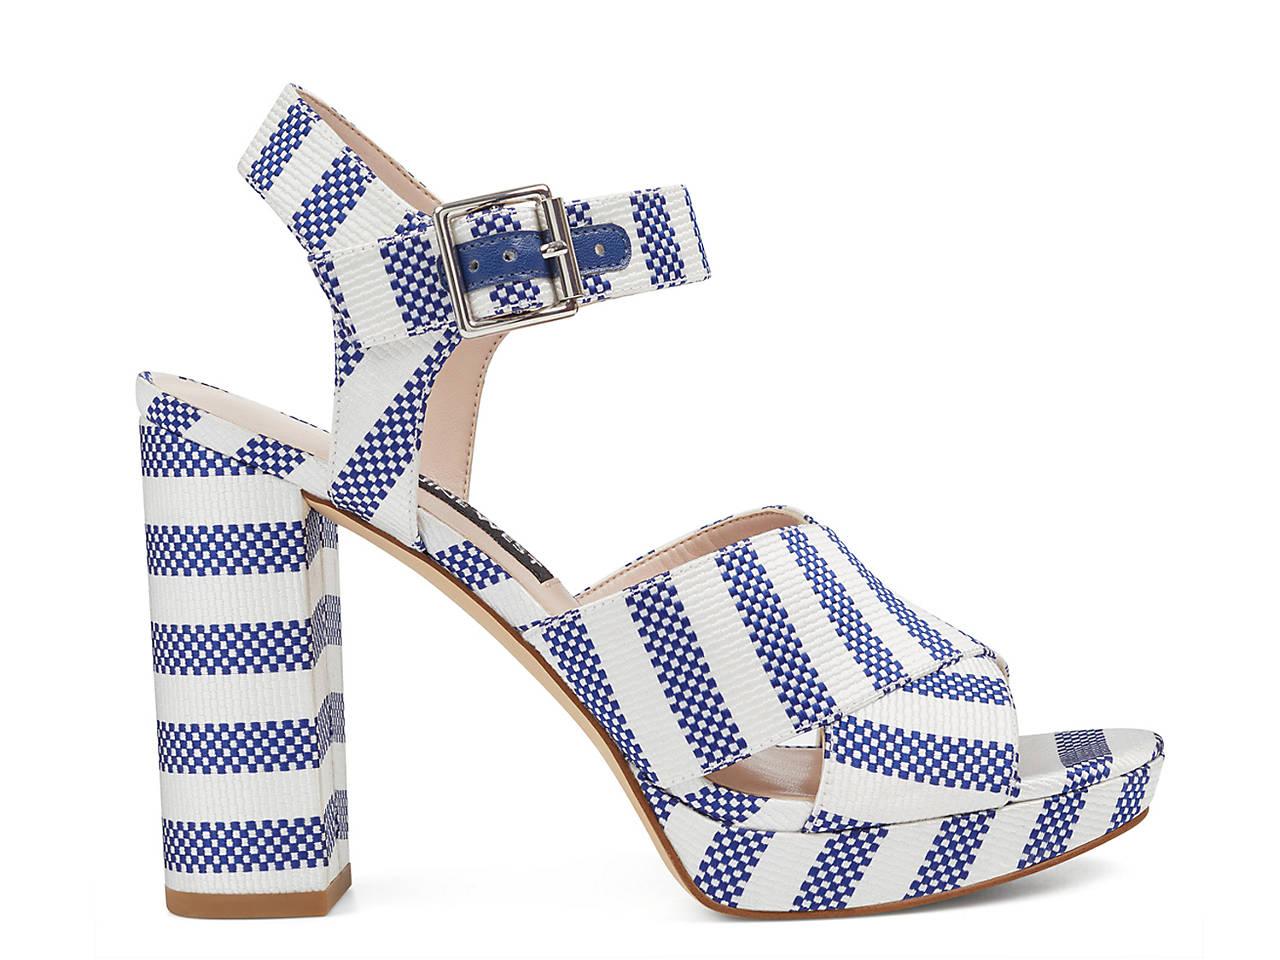 587cde3d515 Nine West Jimar Platform Sandal Men s Shoes